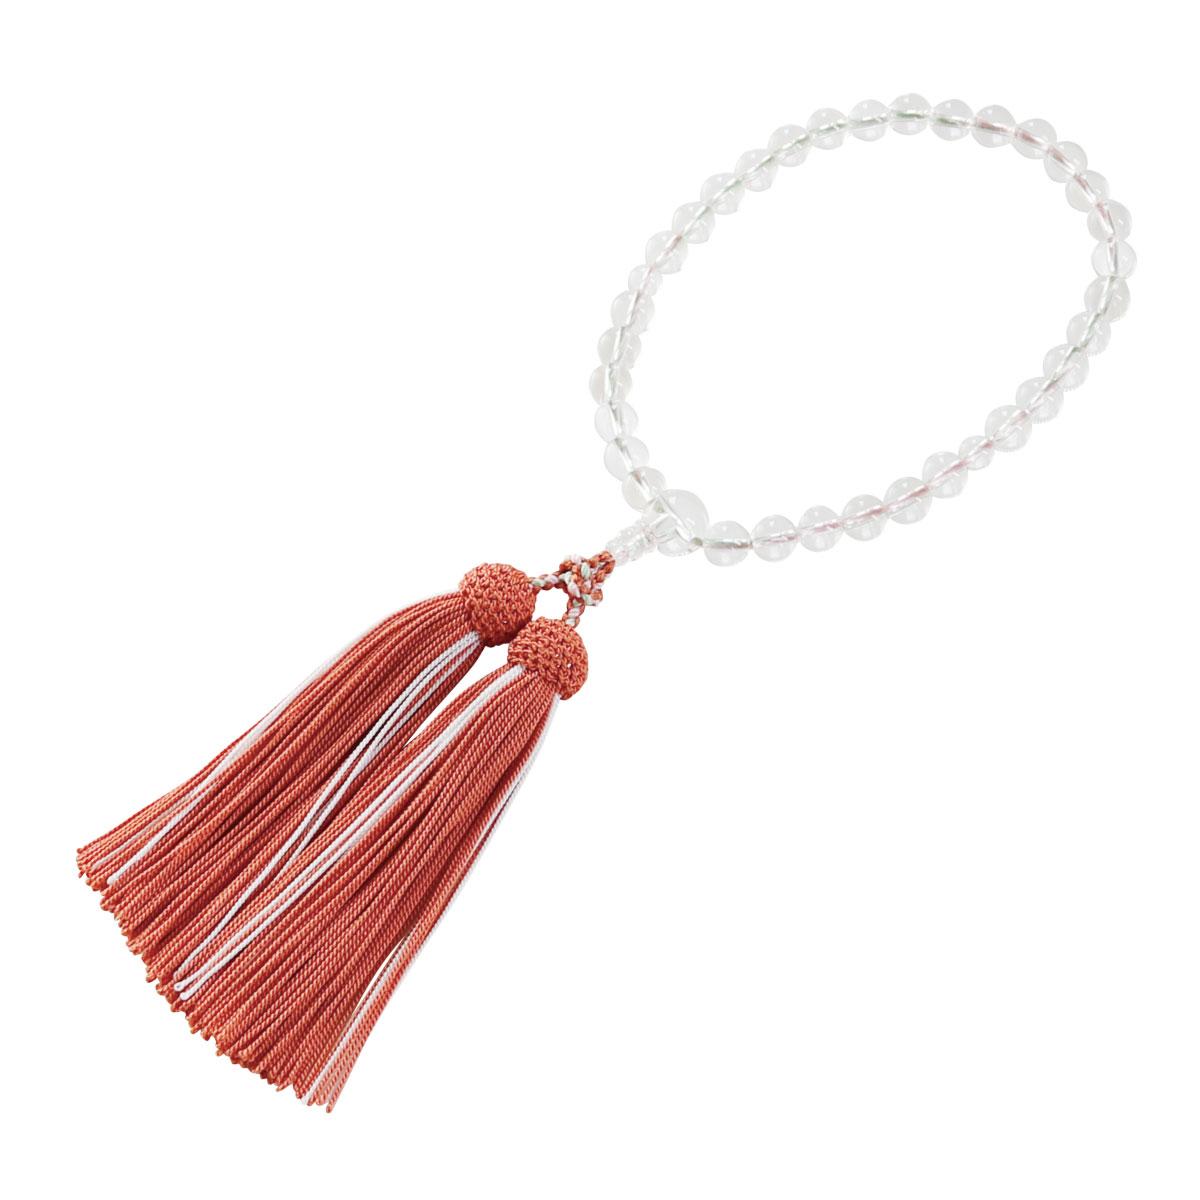 本水晶8ミリ彩色編蛍正頭煉瓦色略式数珠(女性用)